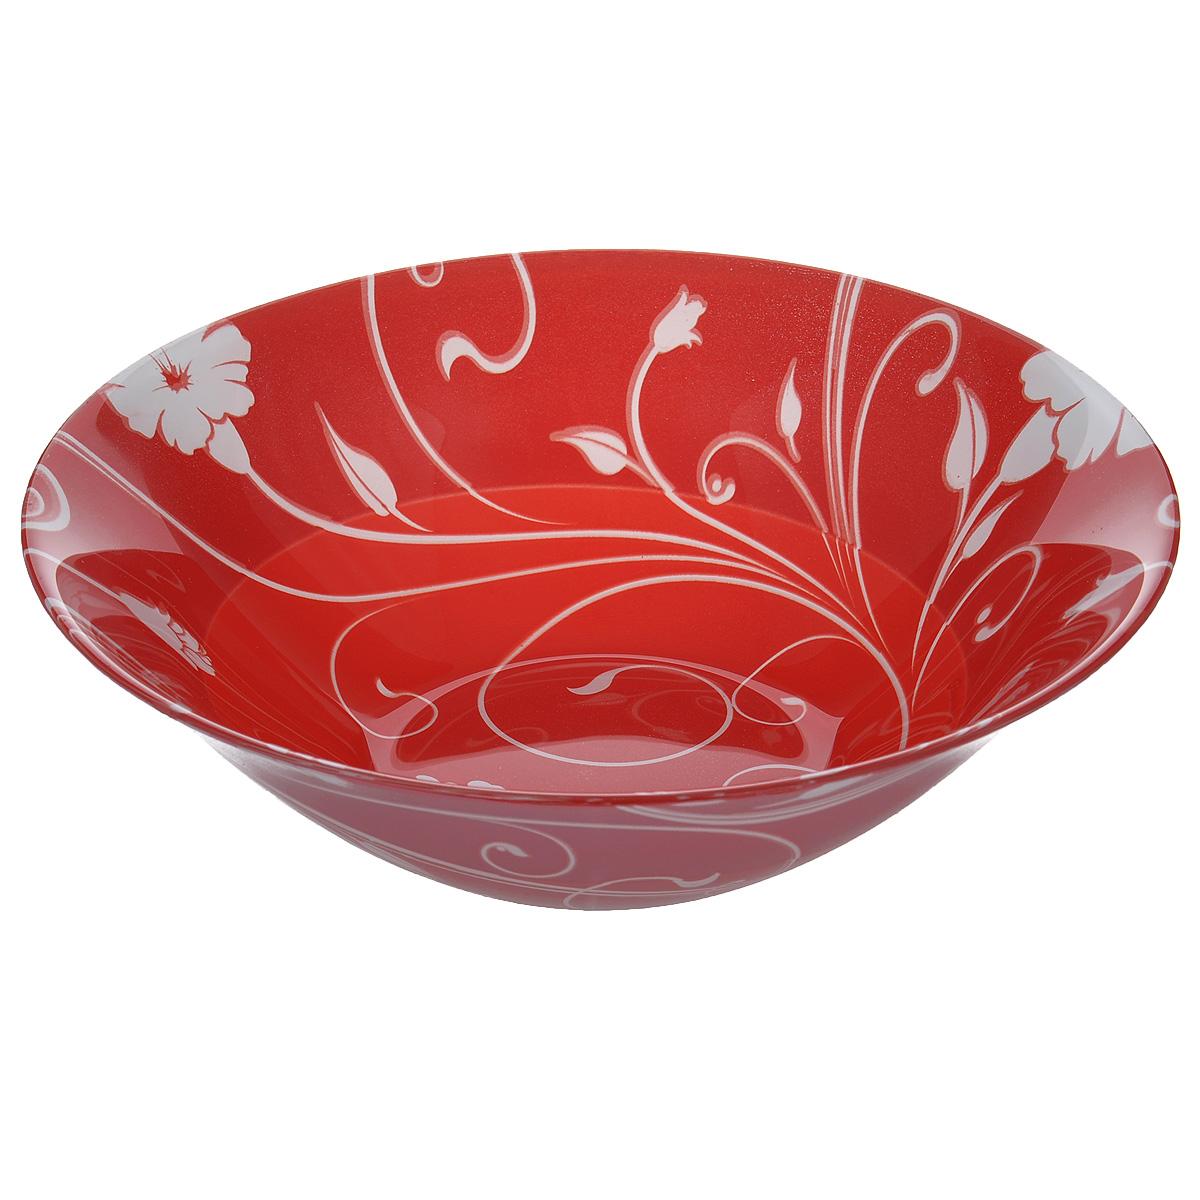 Салатник Pasabahce Red Serenade, цвет: красный, диаметр 23 см10415BD3Салатник Pasabahce Red Serenade выполнен из закаленного стекла. Изделие украшено изысканным цветочным орнаментом. Внешняя сторона - матовая. Набор прекрасно подойдет для сервировки различных блюд. Яркий дизайн украсит стол и порадует вас и ваших гостей. Нельзя использовать в микроволновой печи. Можно использовать в морозильной камере. Диаметр салатника: 23 см. Высота салатника: 7 см.